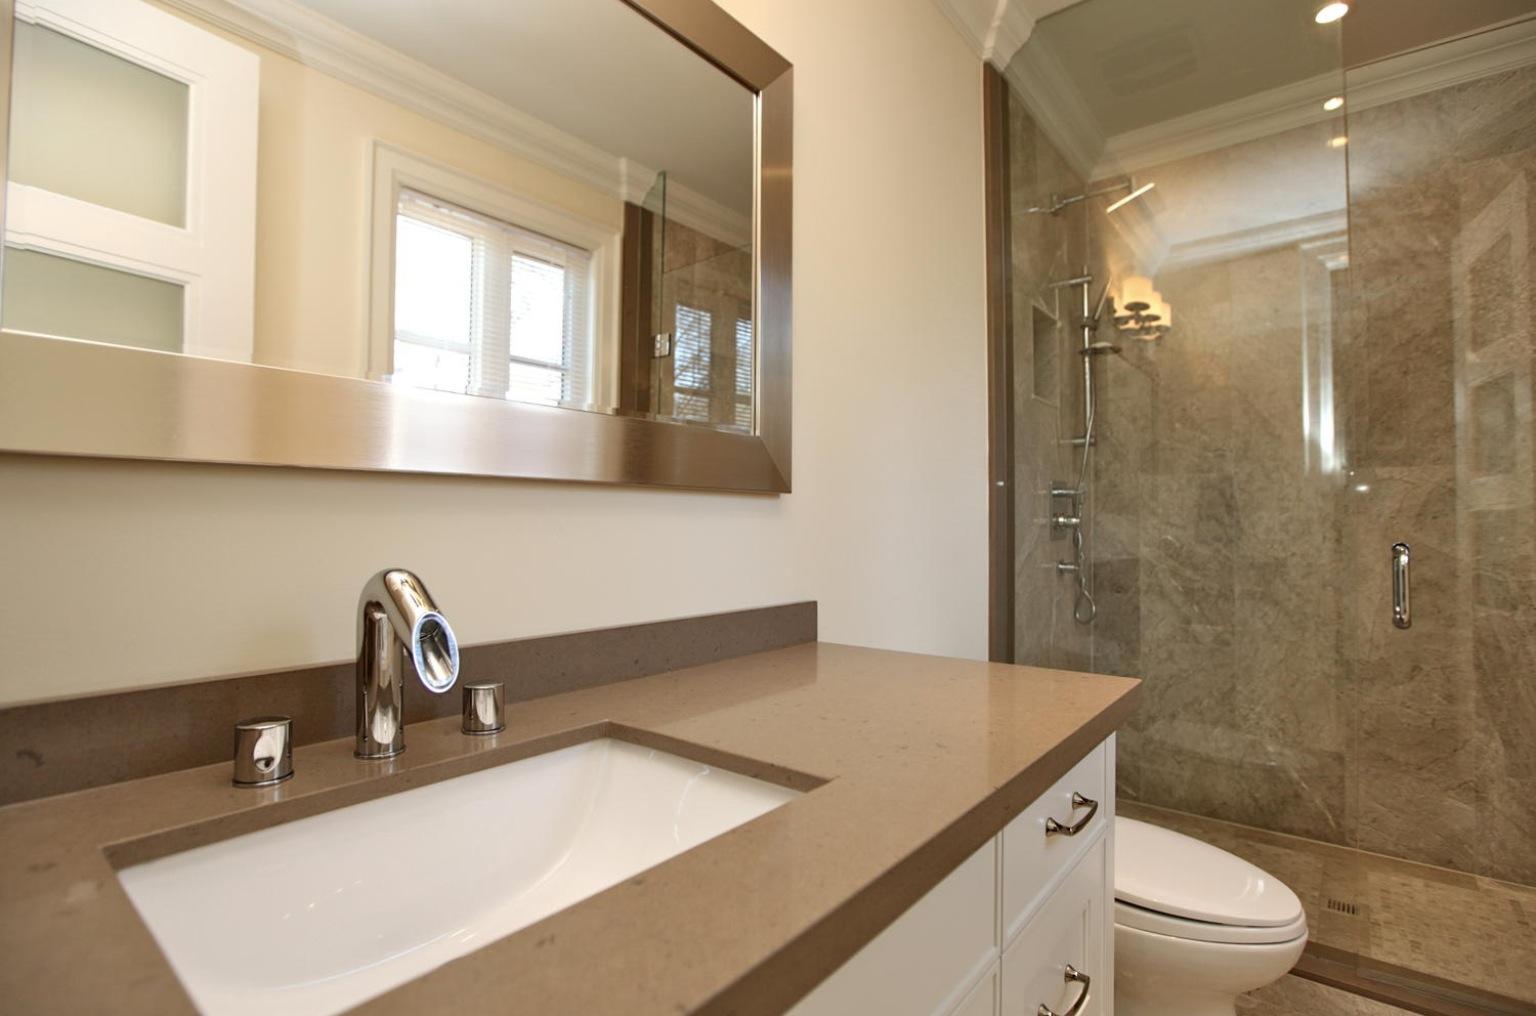 Mississauga Bath 4. Vaughan Bathroom 1